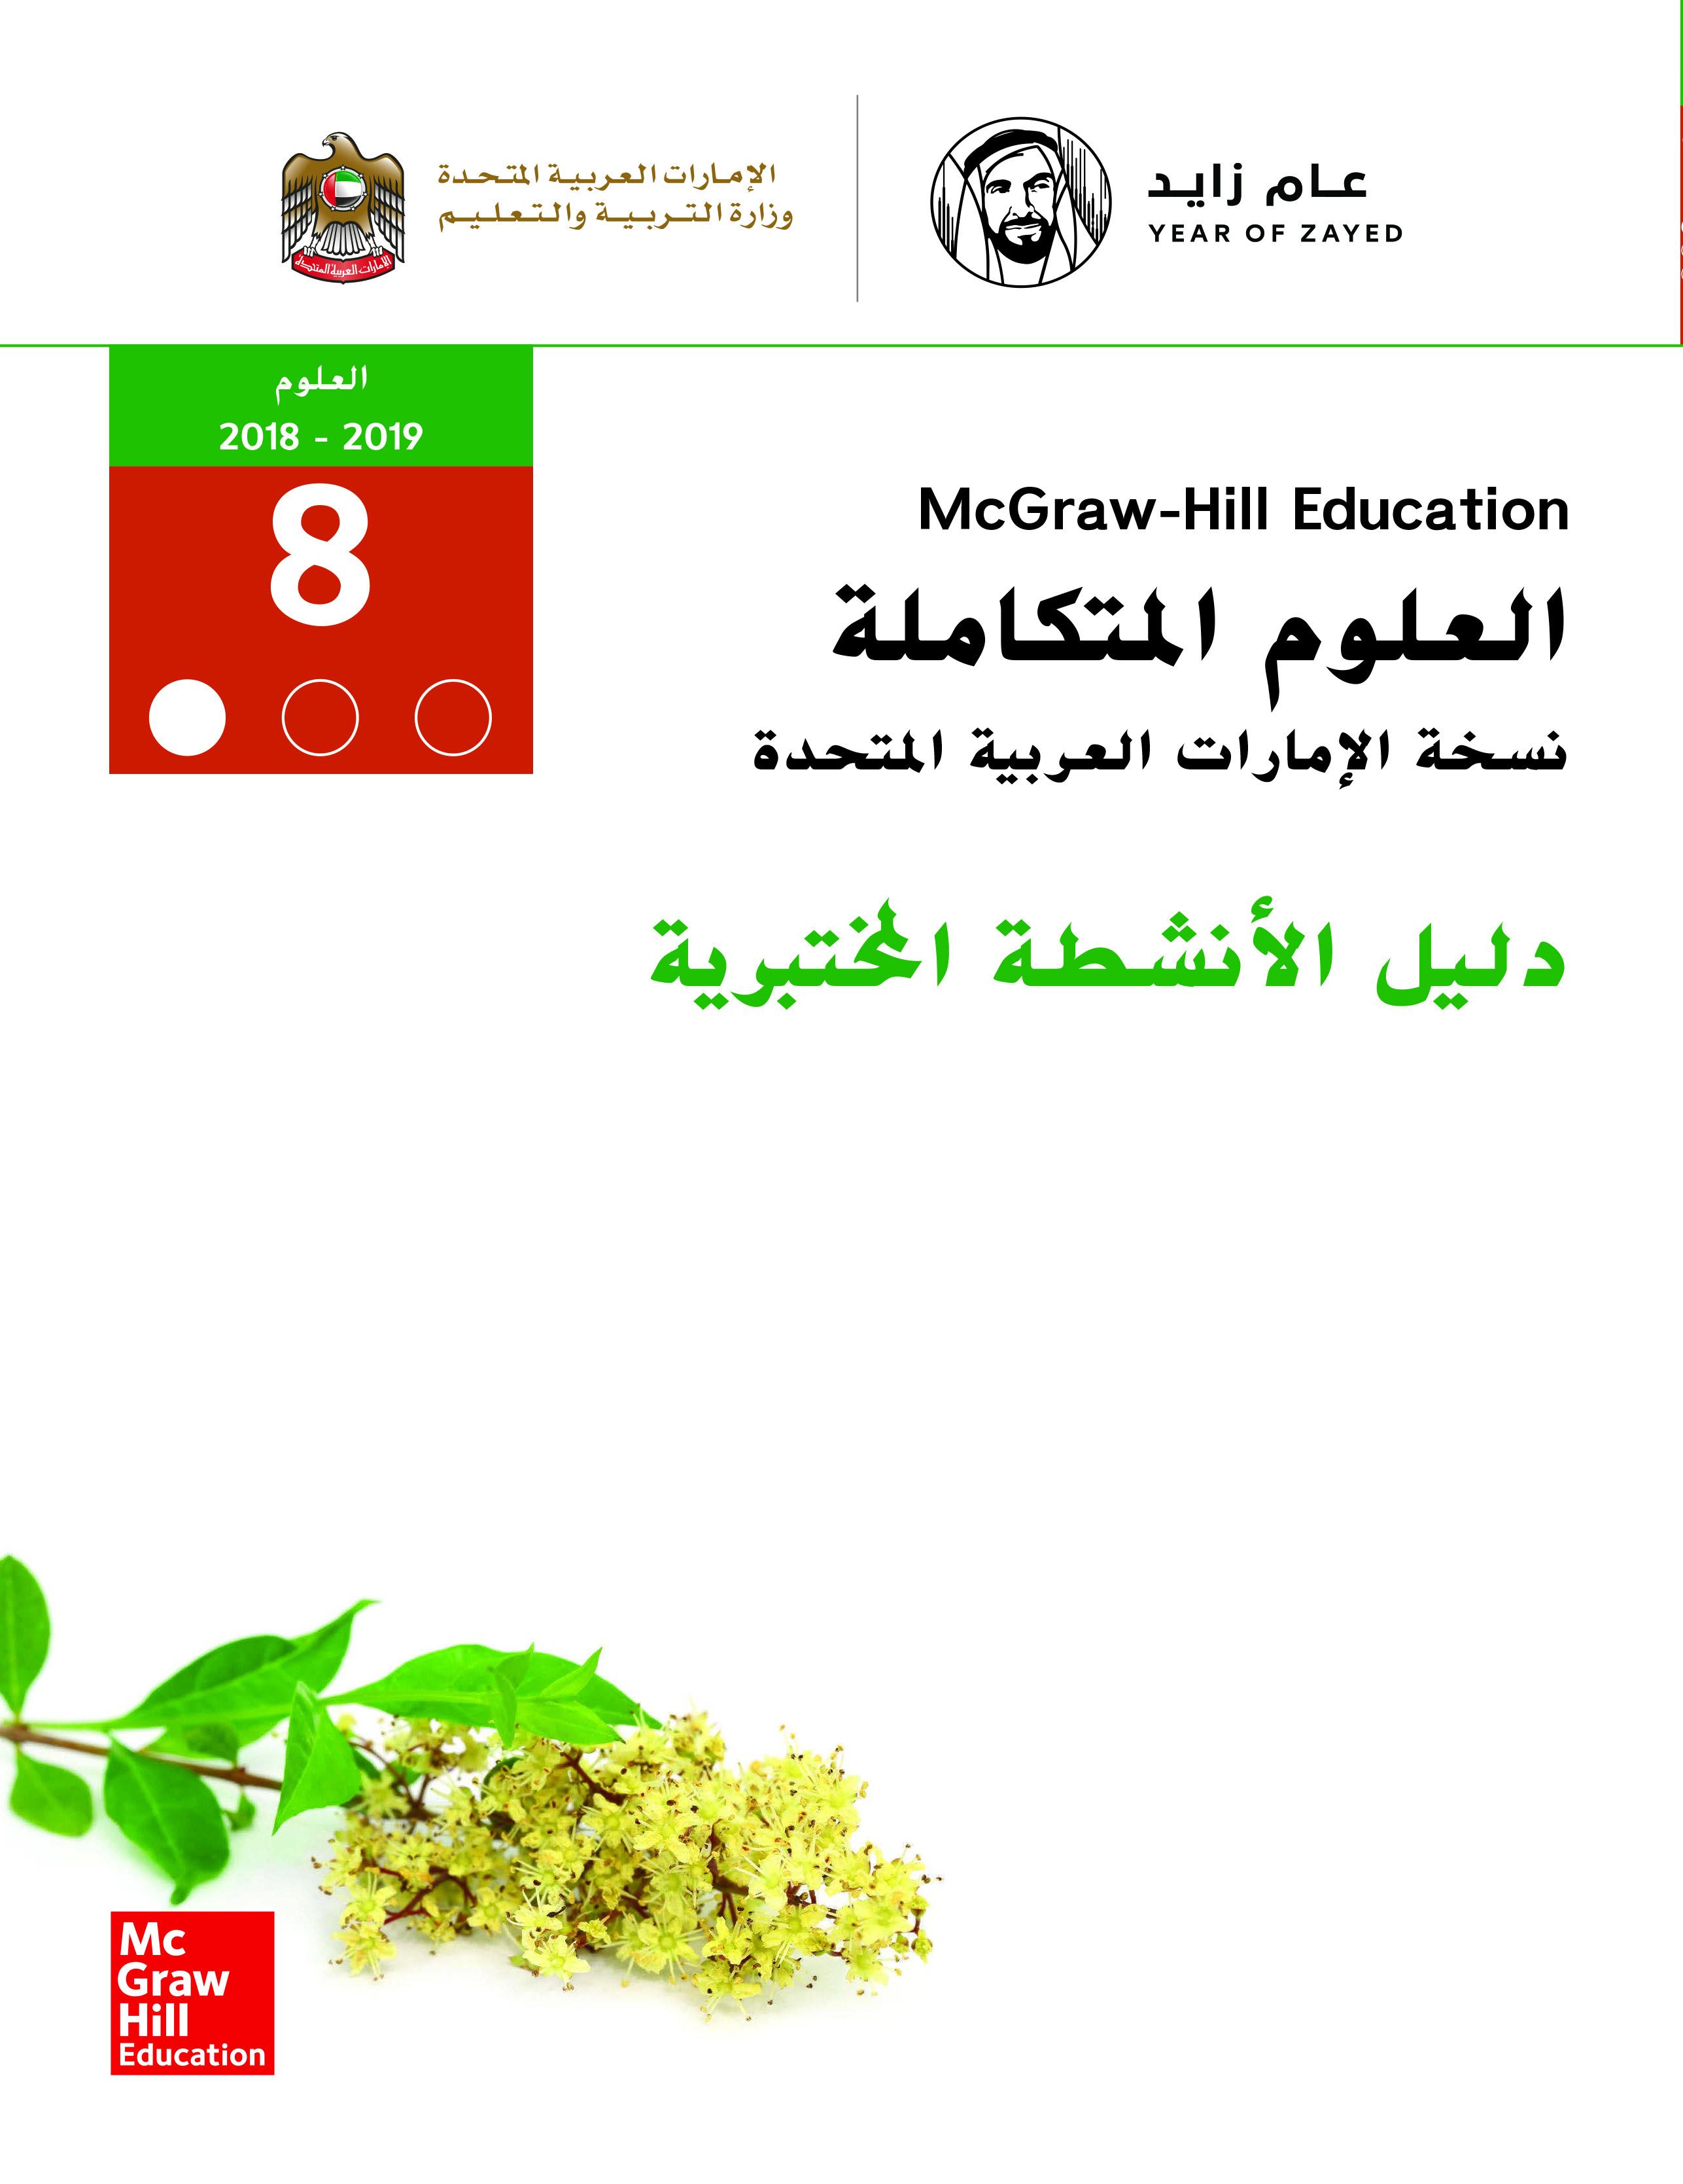 العلوم المتكاملة - دليل الأنشطة المختبرية - كتاب الطالب - الصف الثامن - الجزء الأول